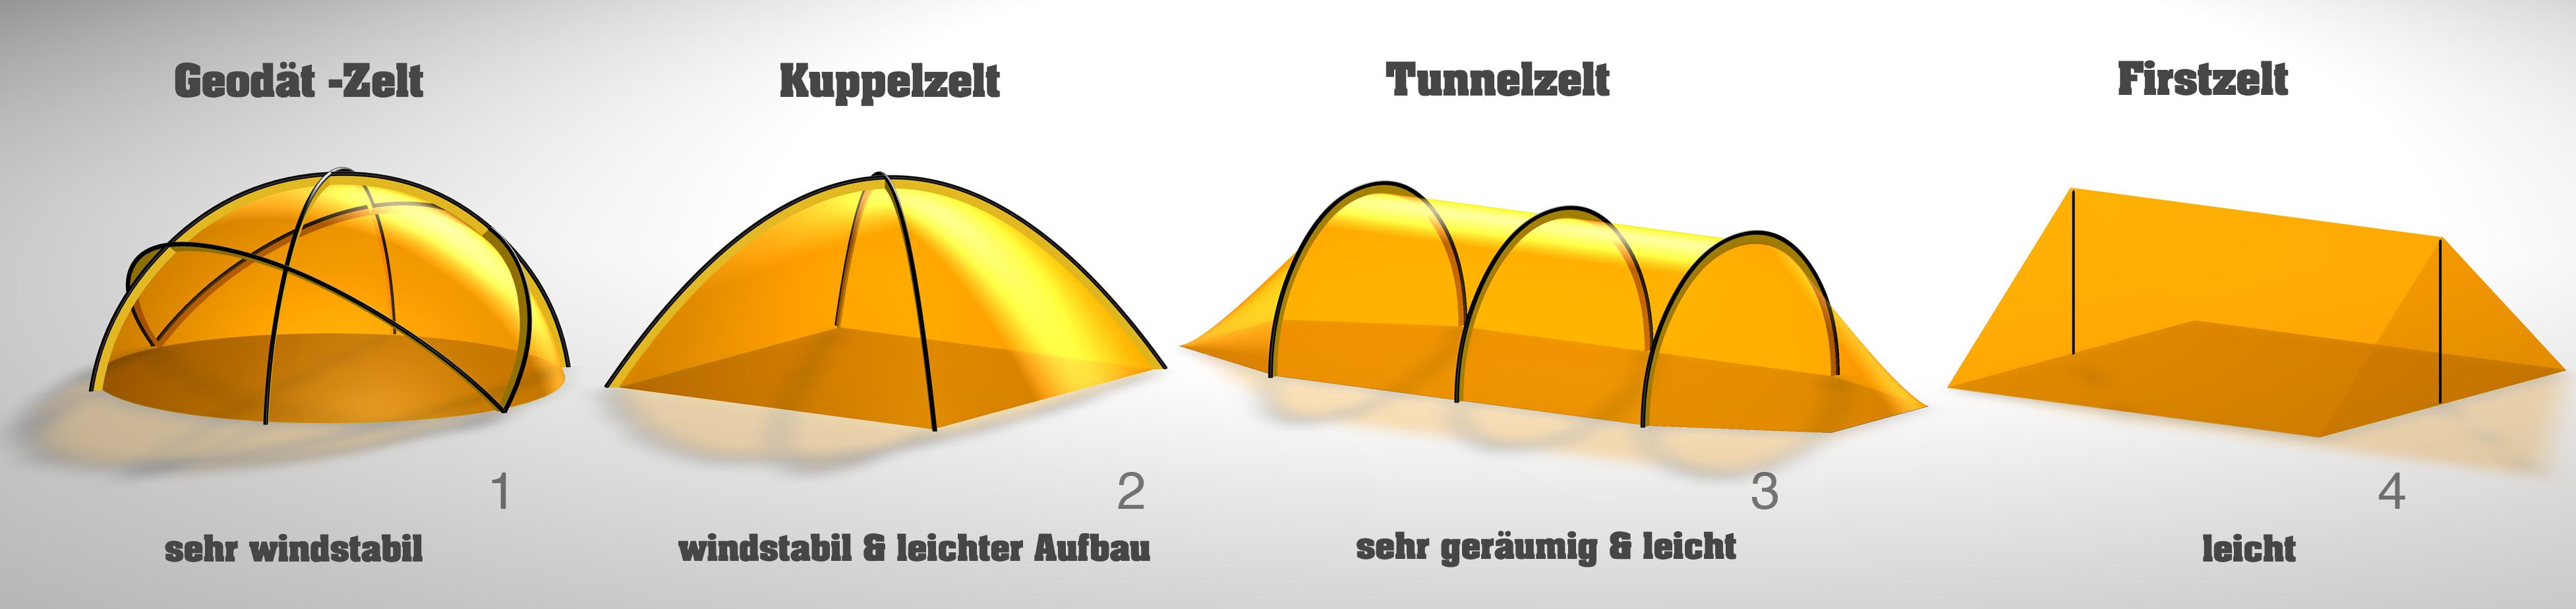 Zelttypen für die Zeltberatung